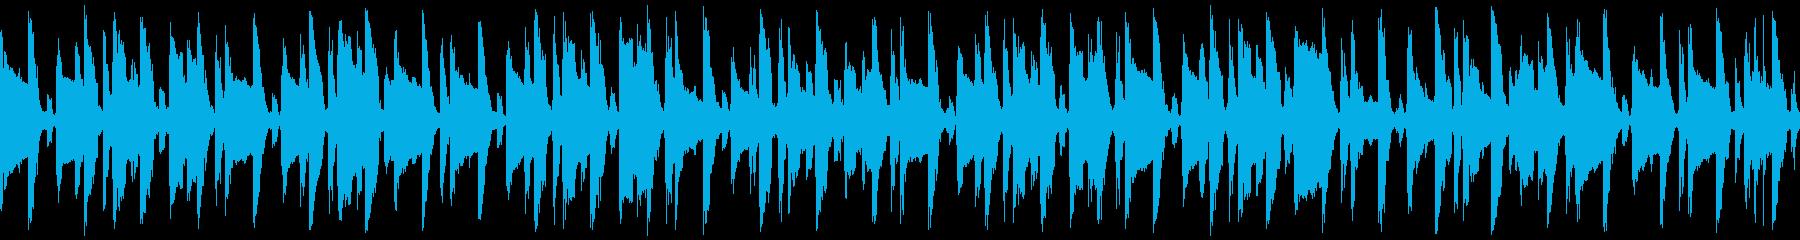 ほのぼの明るい口笛&ギター(ループの再生済みの波形